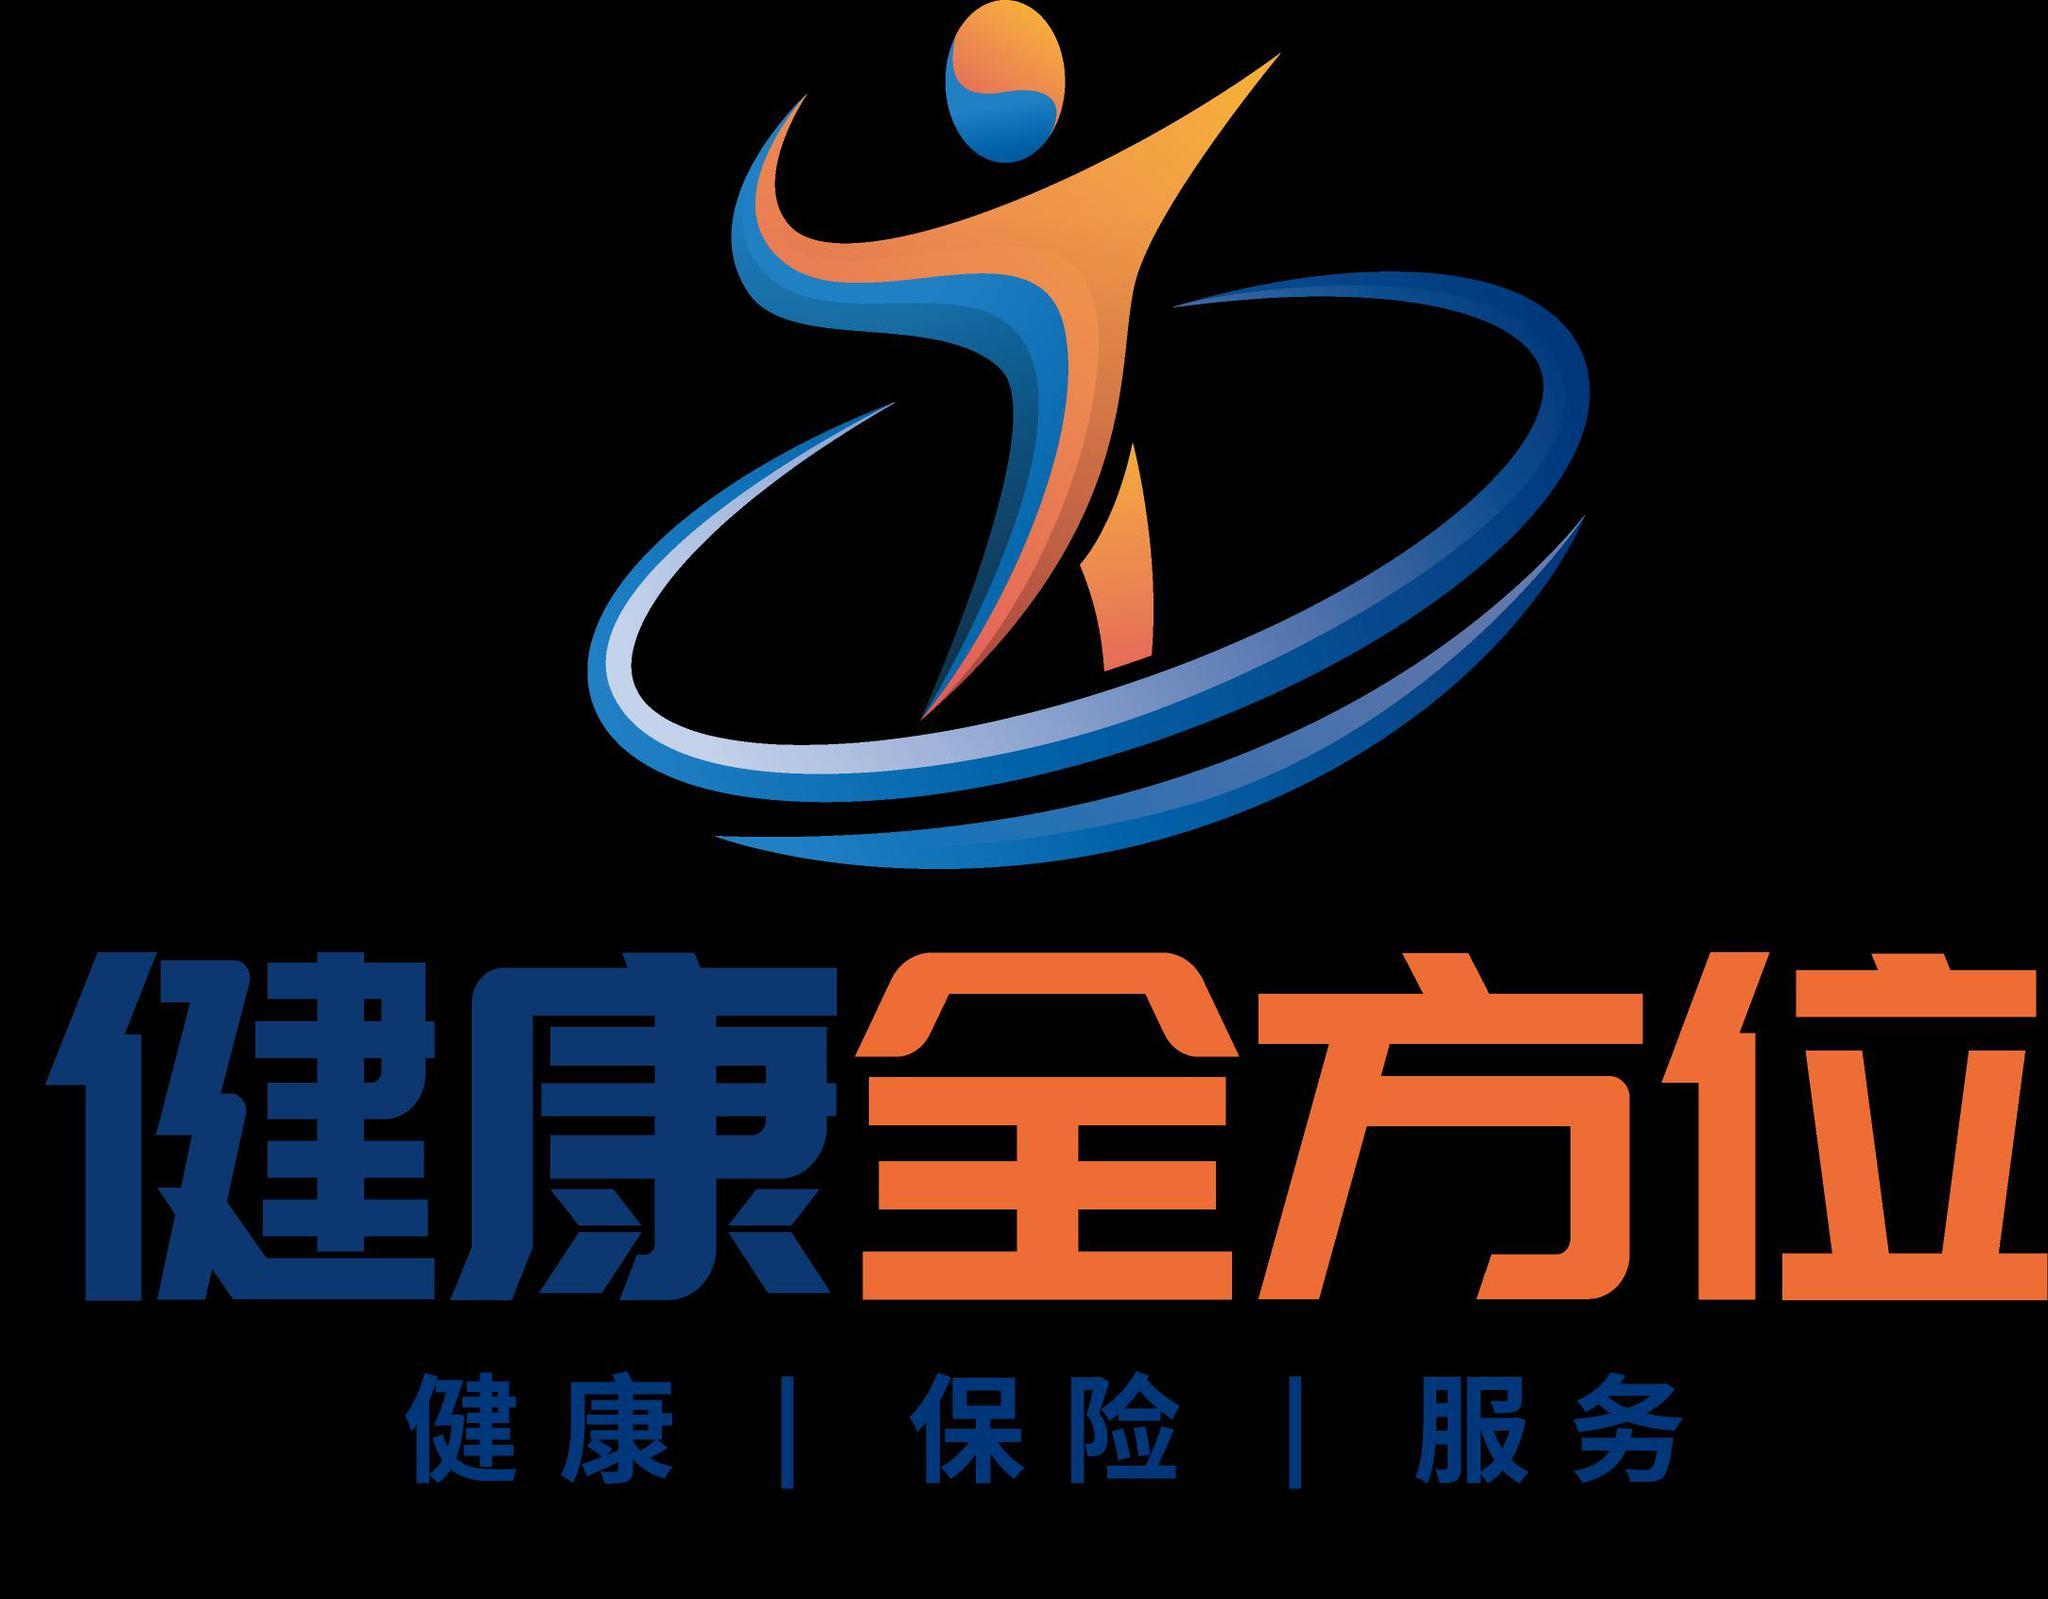 """交银康联推出""""健康全方位""""服务方案:健康新理念 保障全方位"""